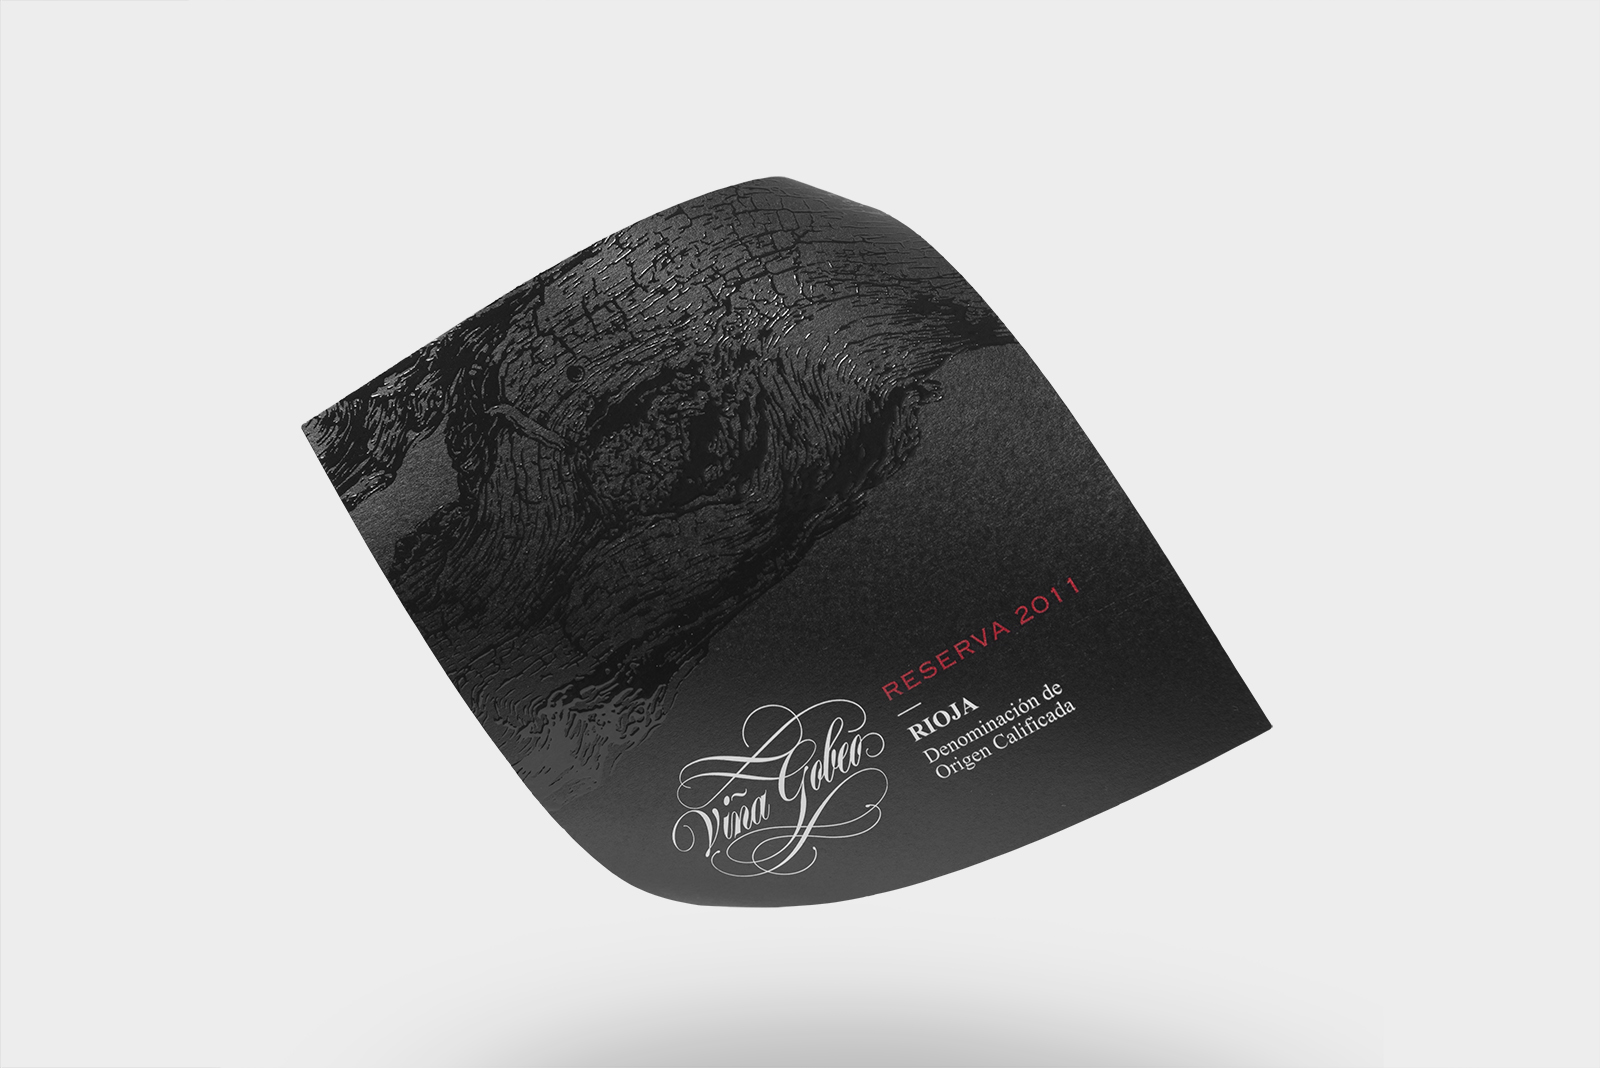 Diseño y fotografía de la etiqueta de vino reserva. Viña Gobeo